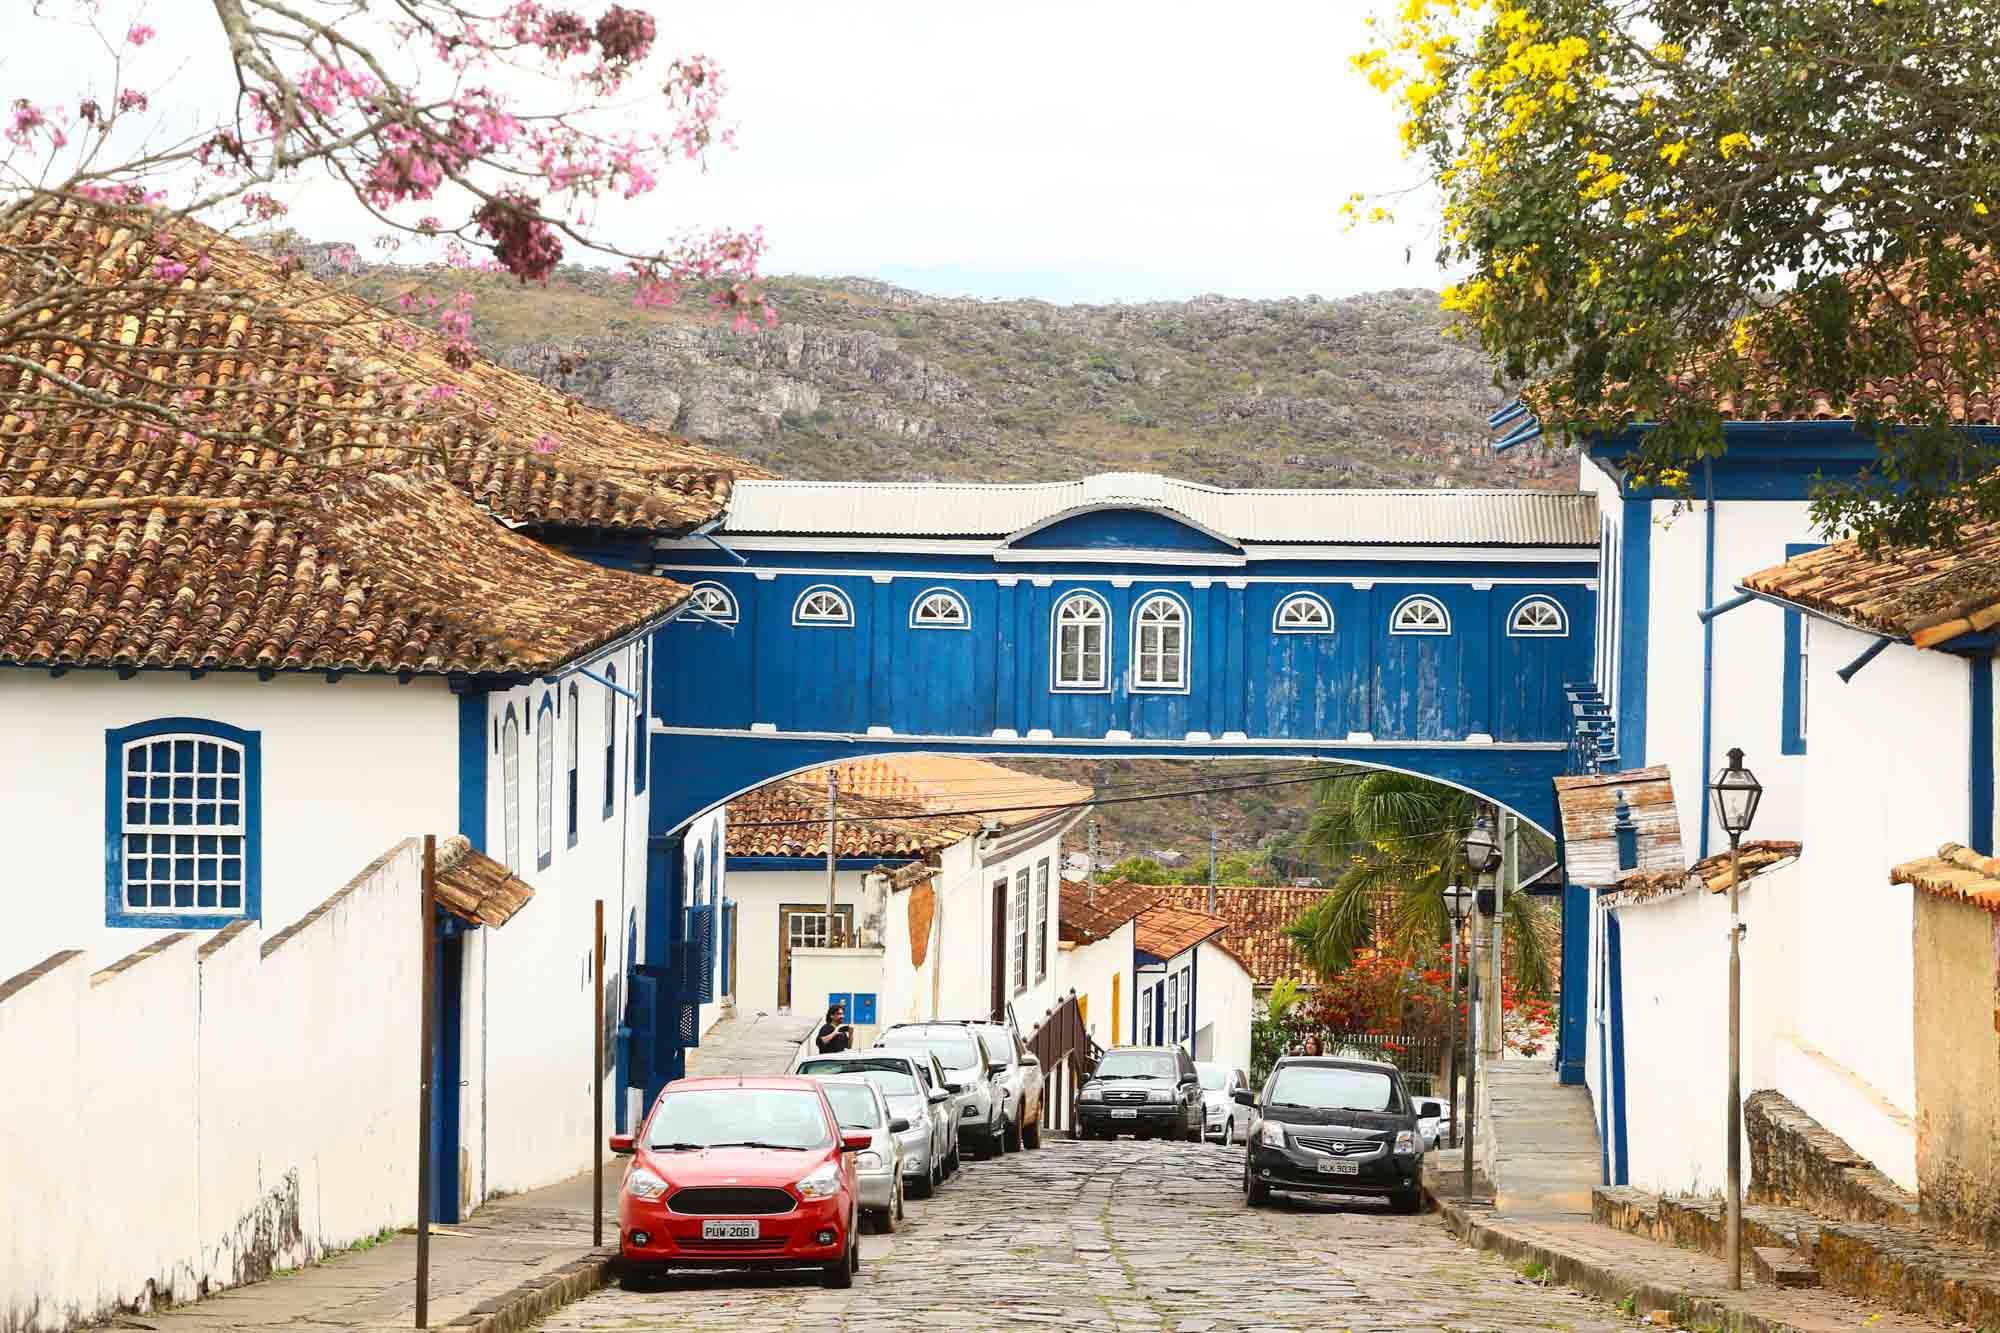 Minas Gerais estado